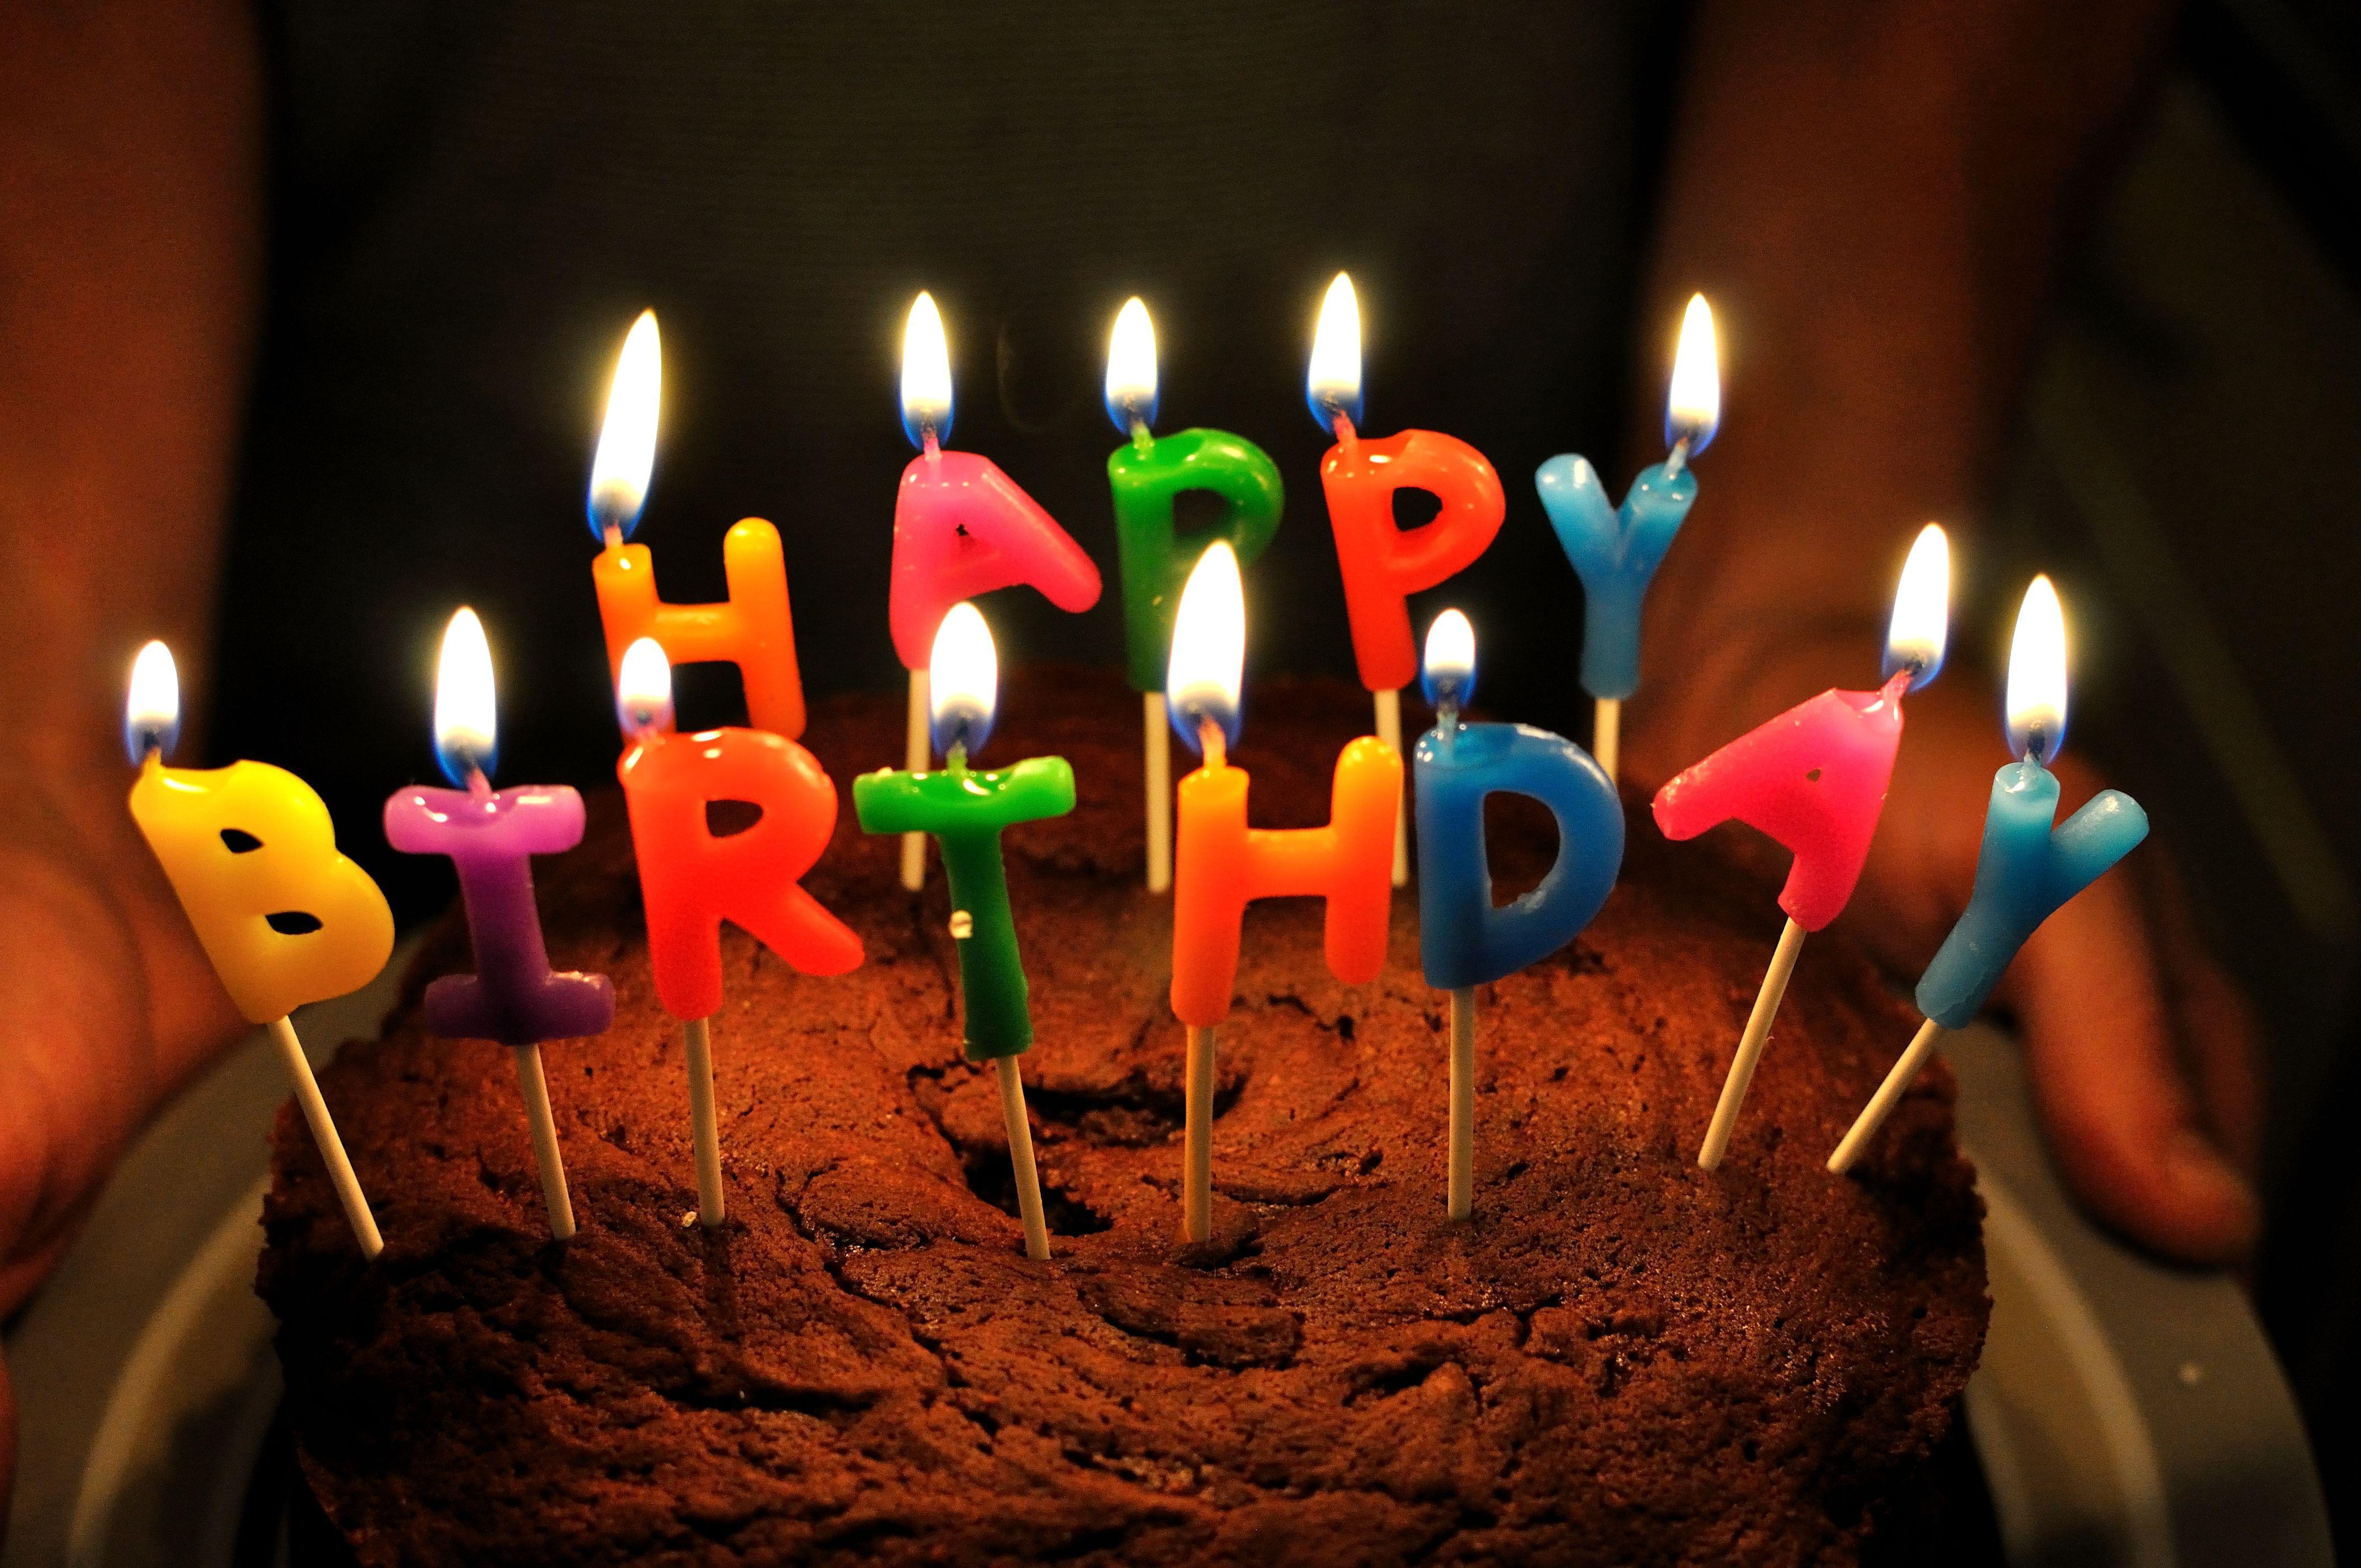 Картинка с тортом день рождения, поздравления новая